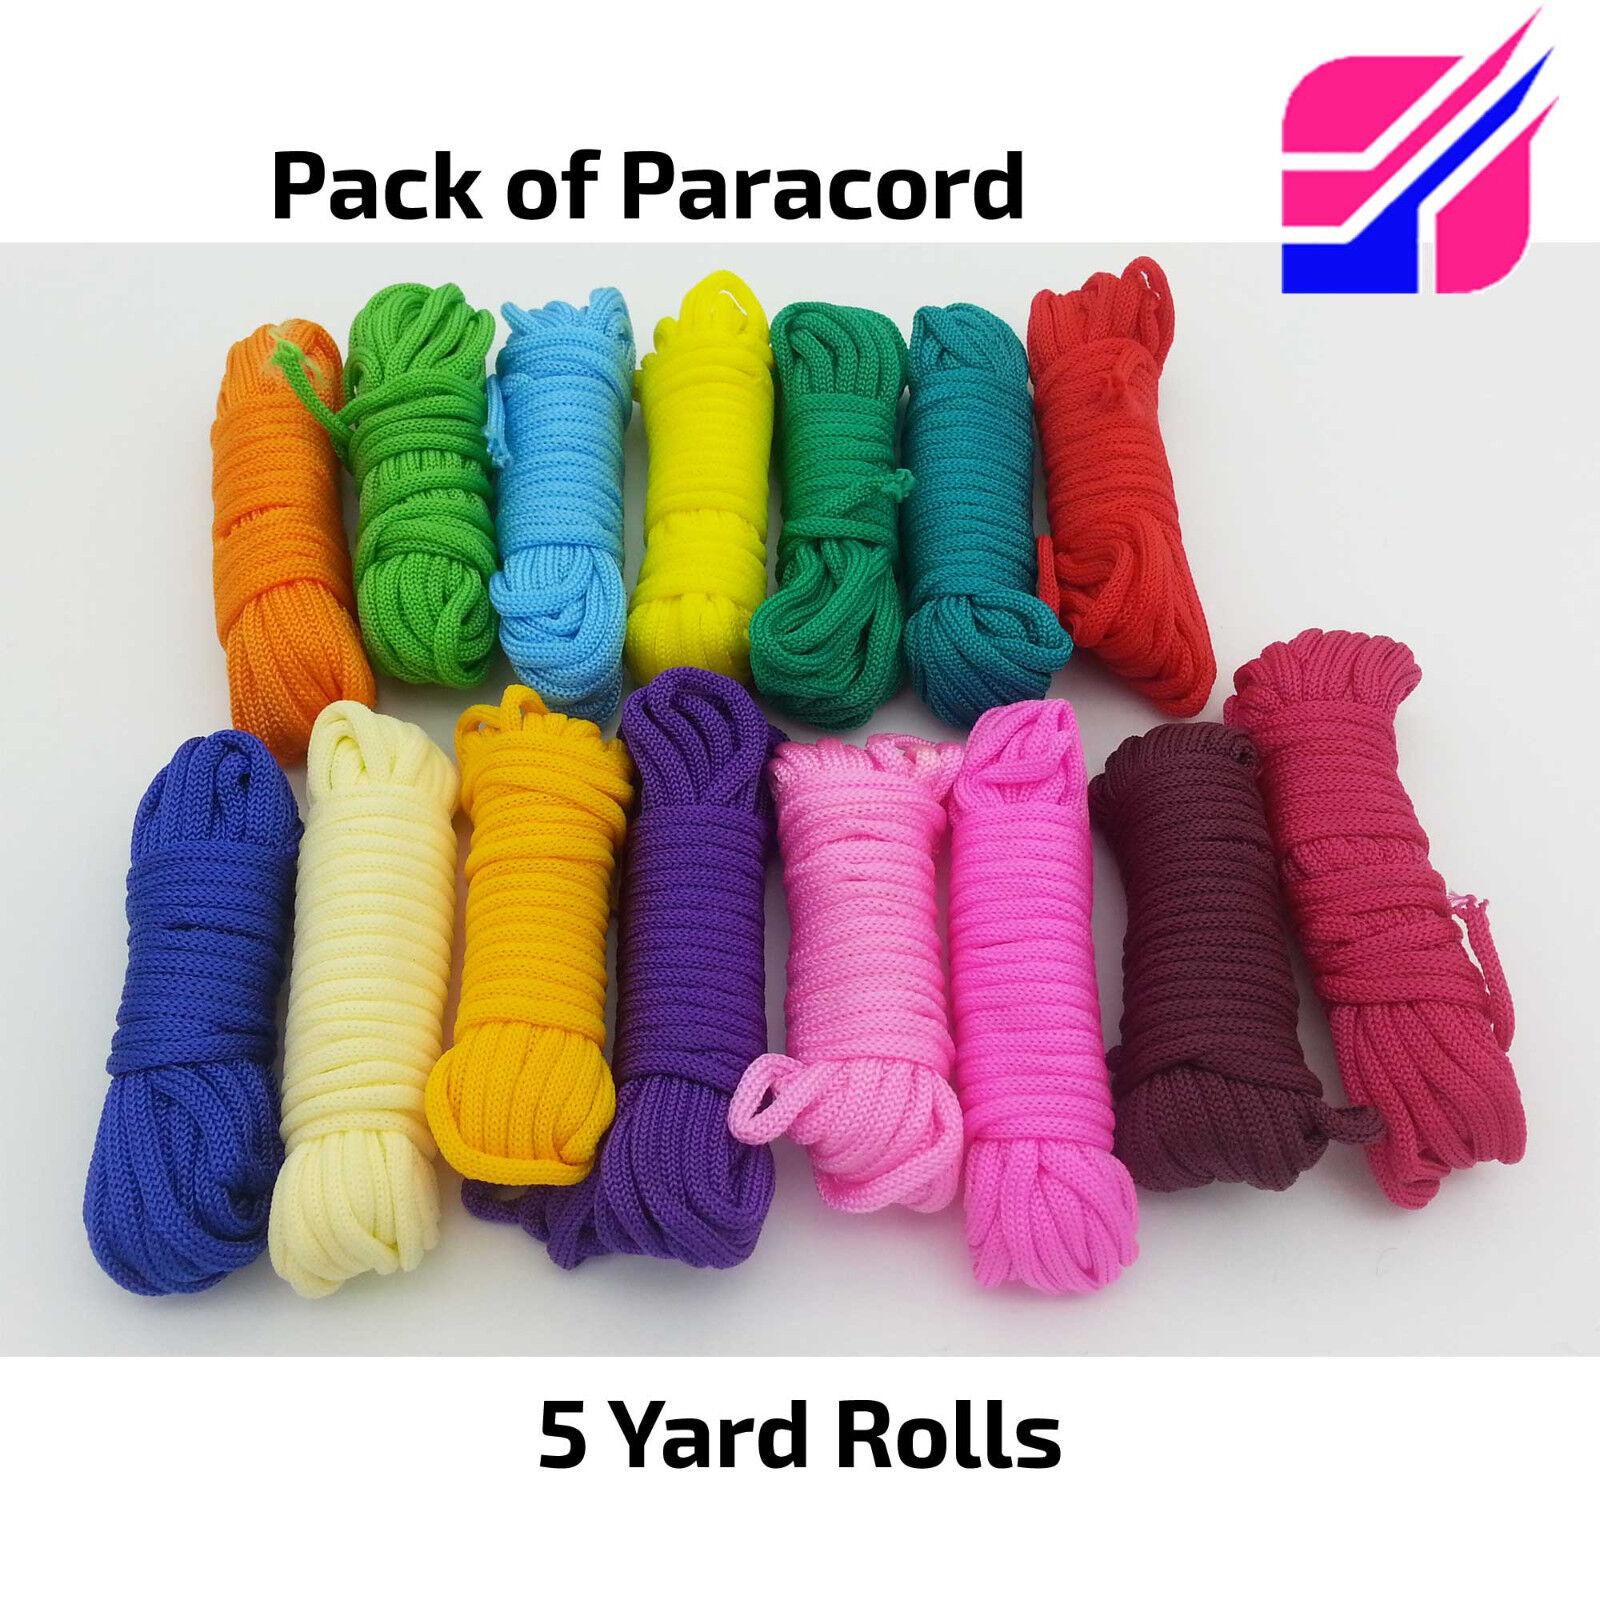 Coloré Parachute Paracord Paracord Paracord Cordon Assorties Survie Camping Pack 15 Couleur Corde 4b5eae